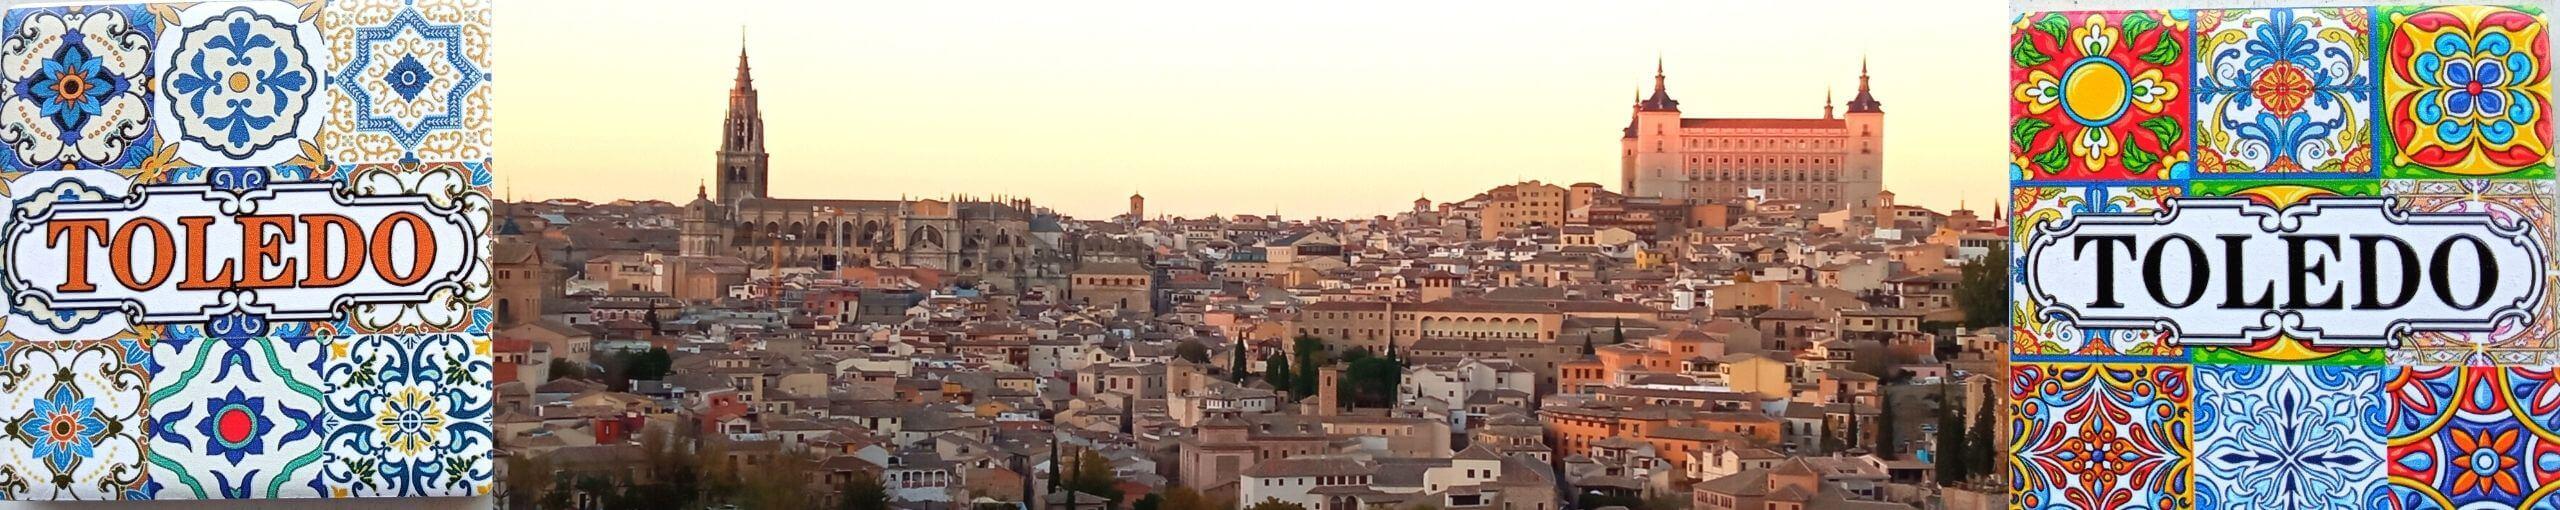 Toledo Desconocido. viaje a Toledo. Castilla La Mancha.